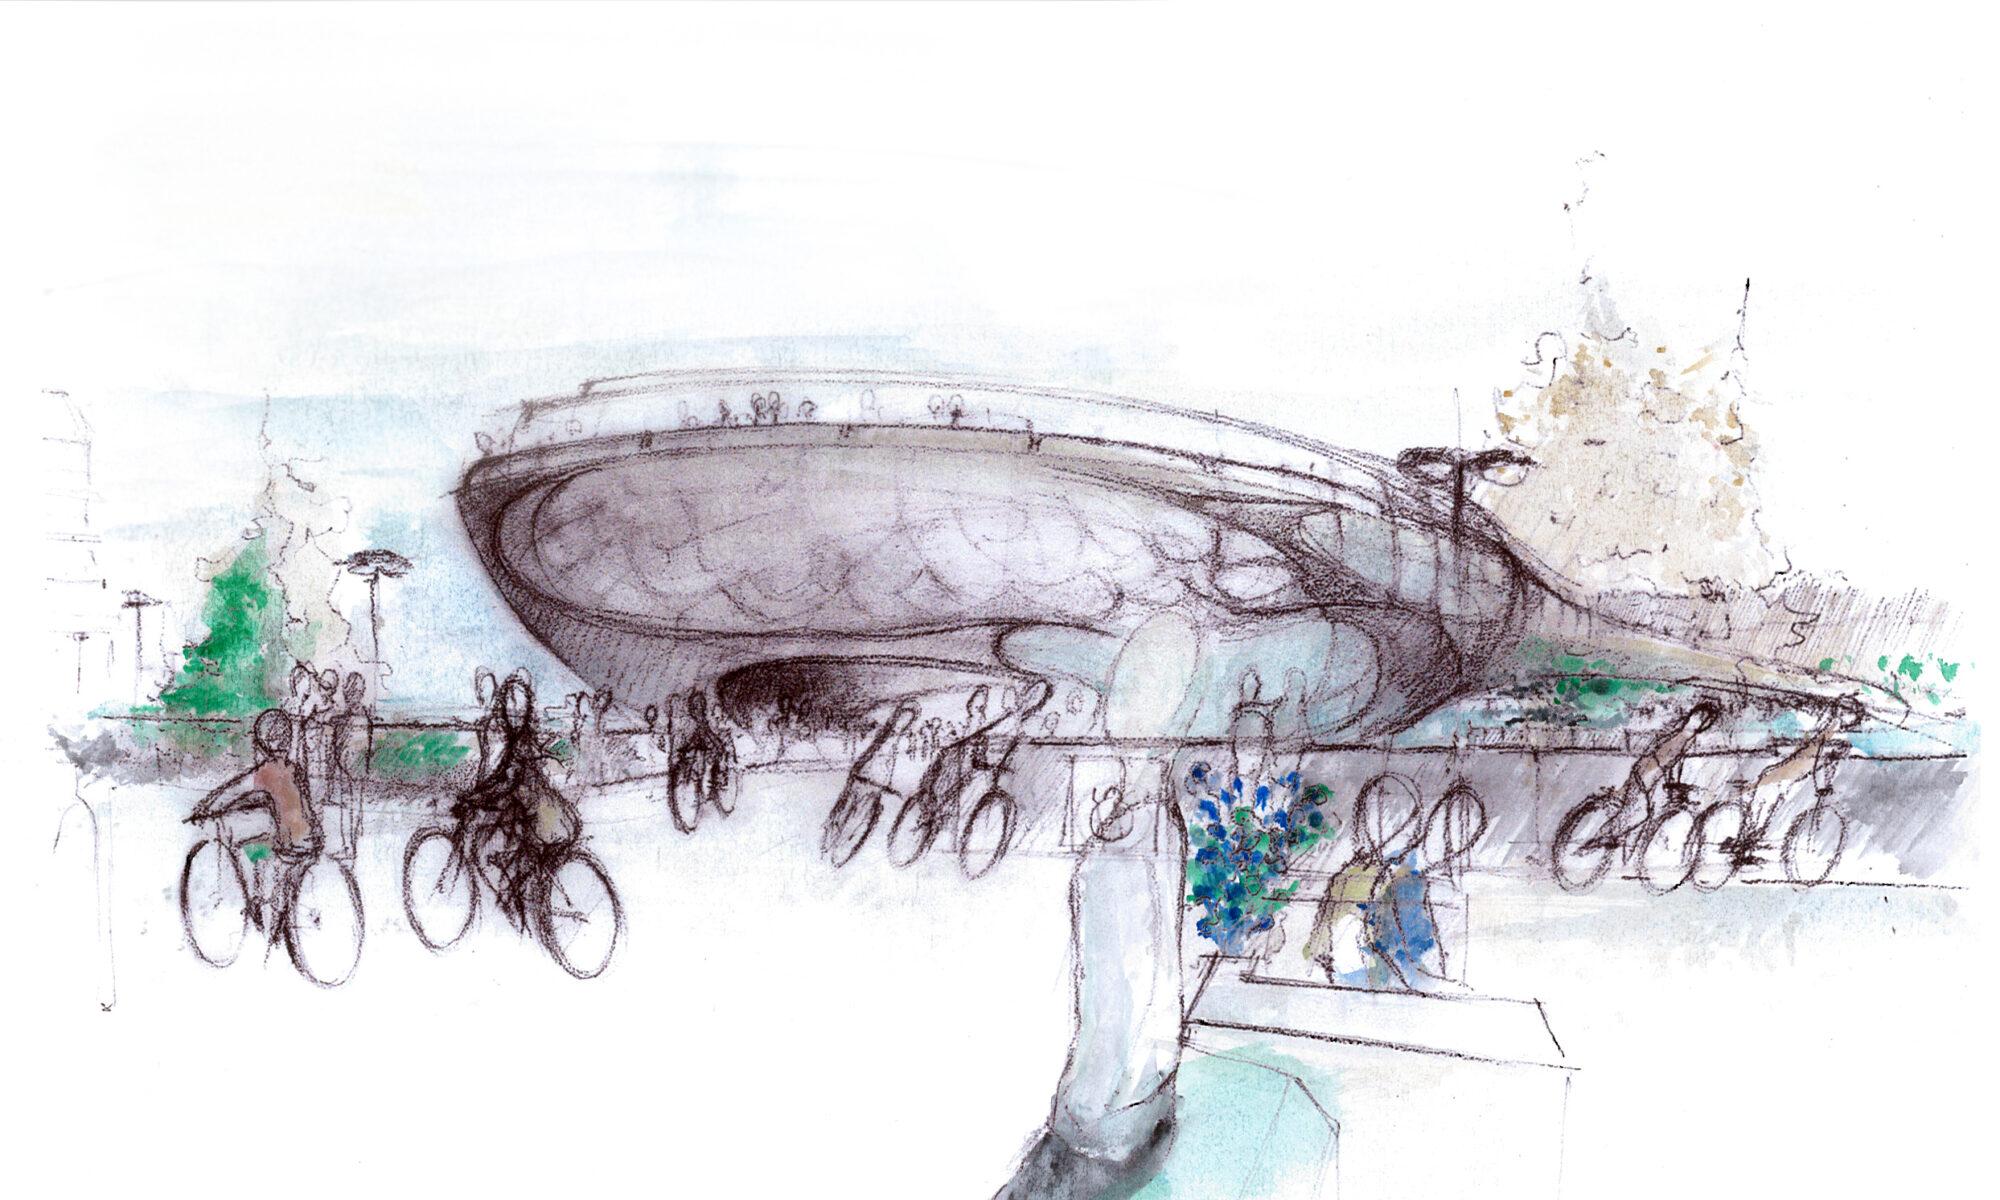 P-12 Architecture and Design